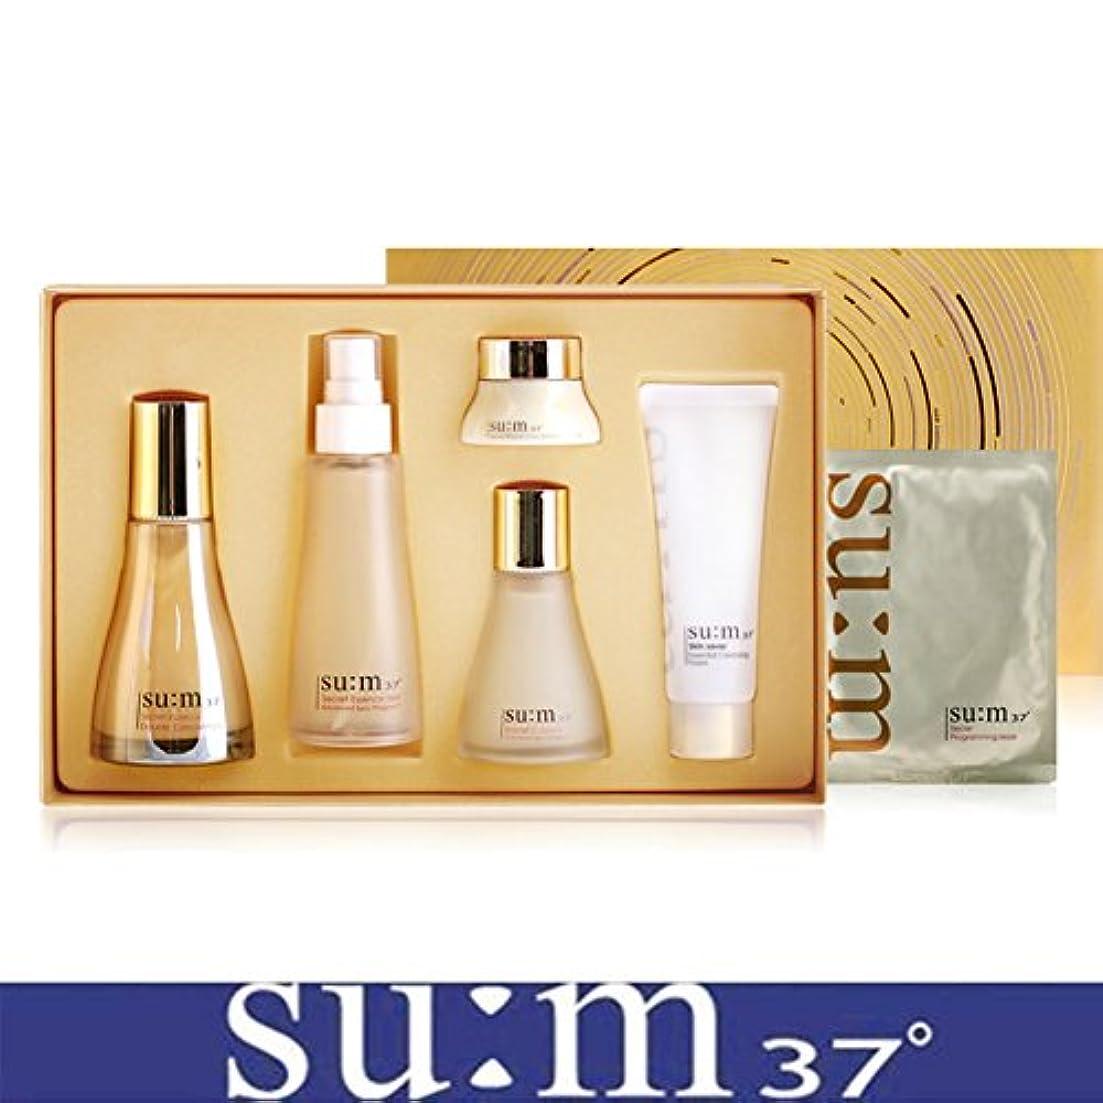 [su:m37/スム37°] SUM37 Secret Essence SPECIAL 100ml Limited Edition/シークレットエッセンススペシャルリミテッドエディション+[Sample Gift](海外直送品)